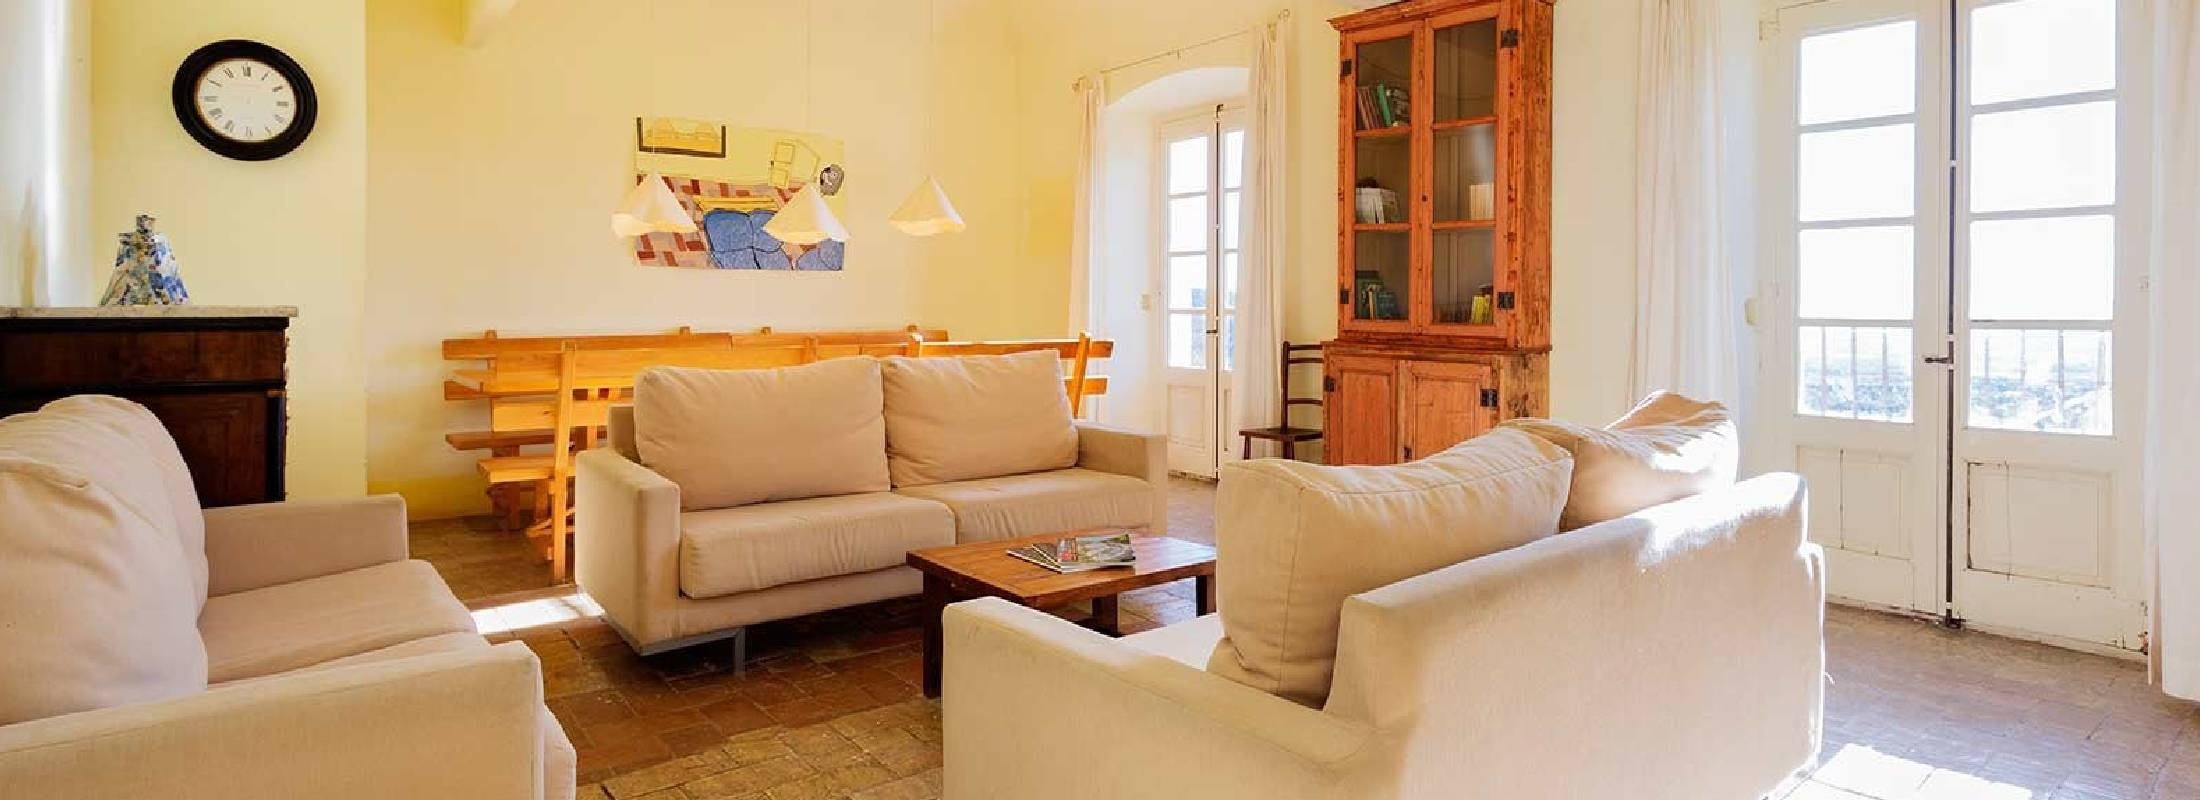 Sala de estar del retiro de Gerona